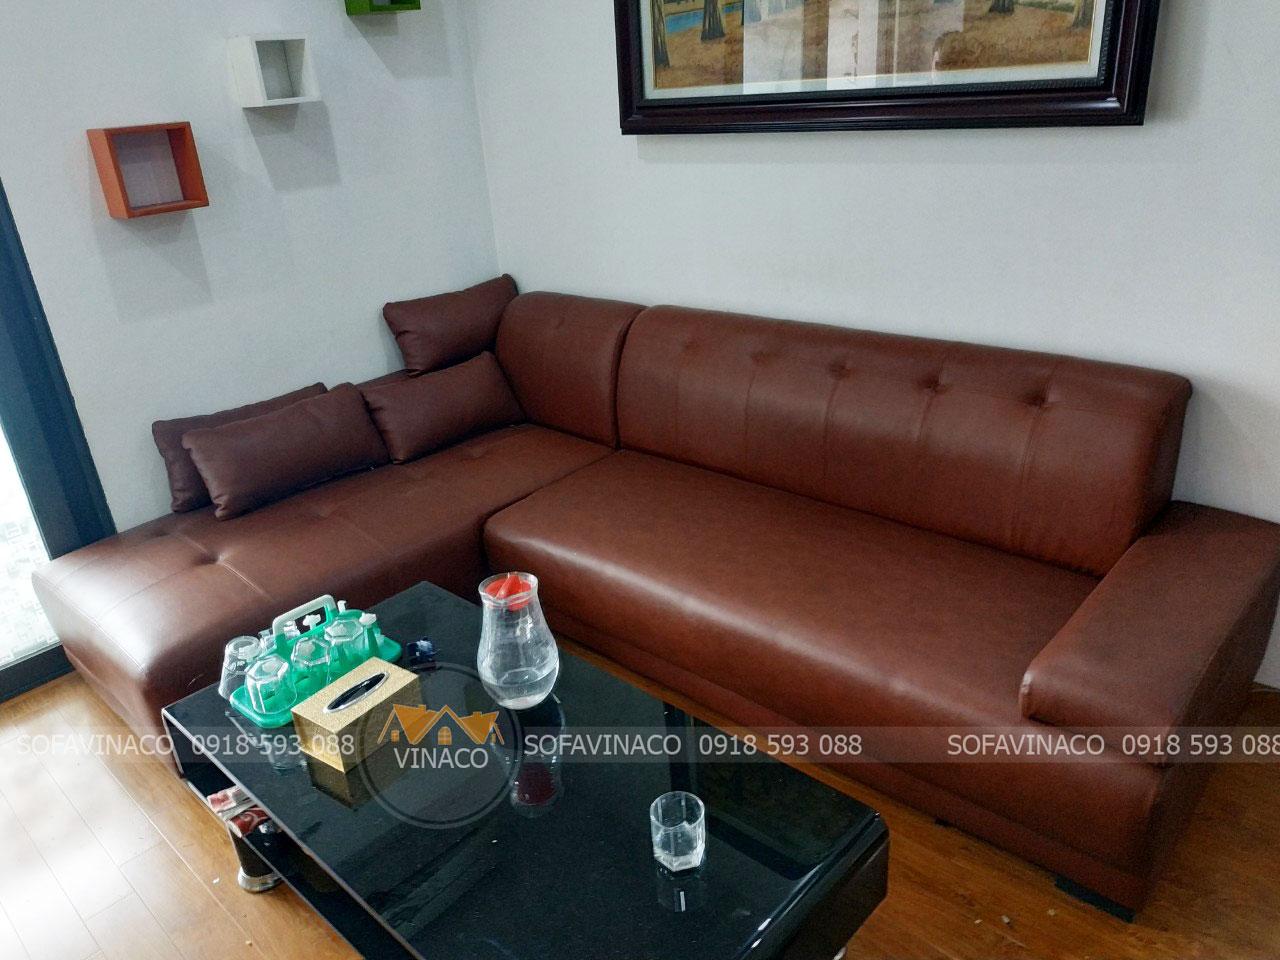 Sofa da thật đem lại cho không gian nhà bạn đẳng cấp mới